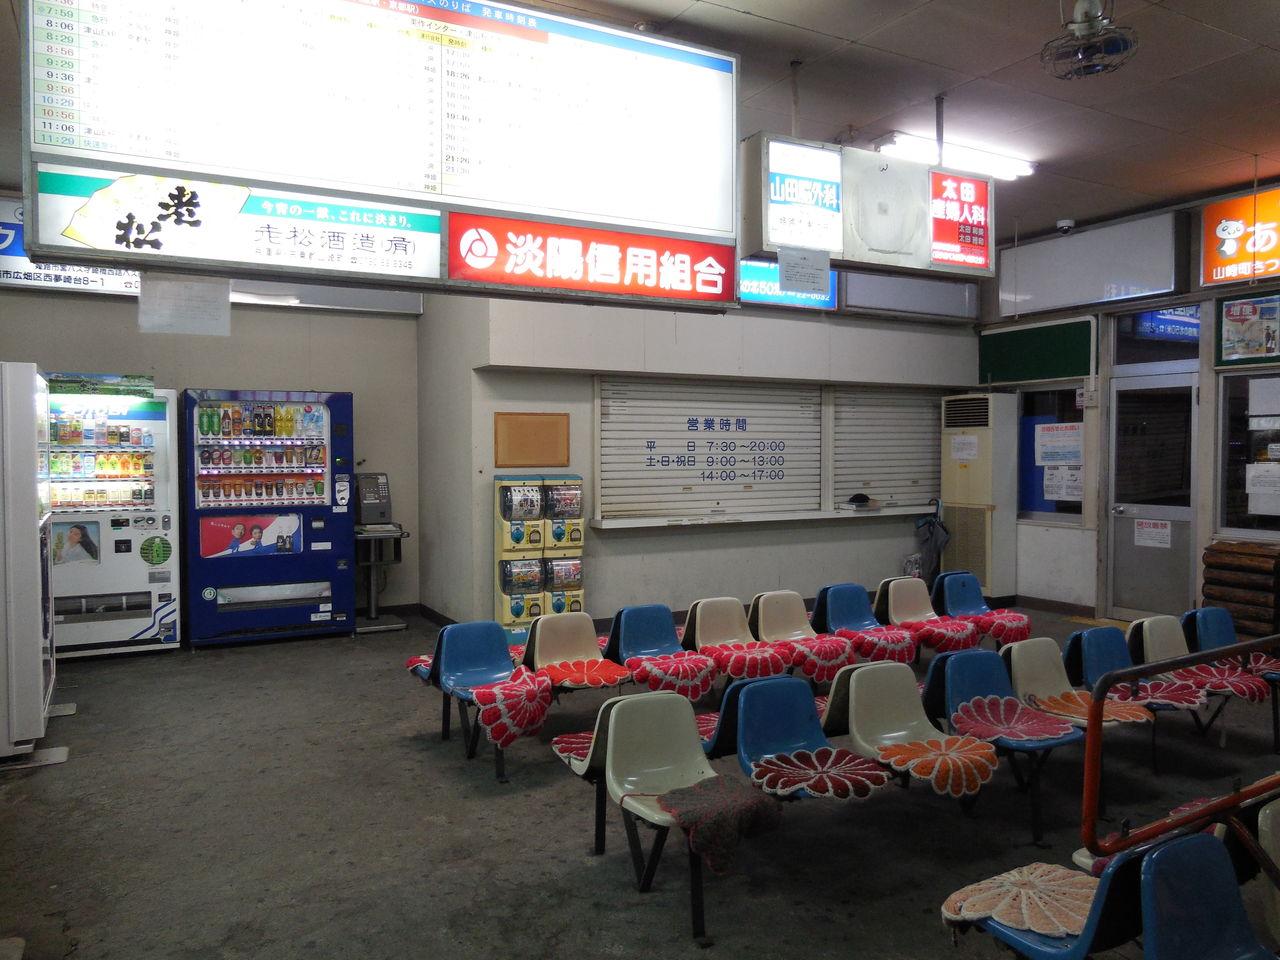 山崎バスターミナル